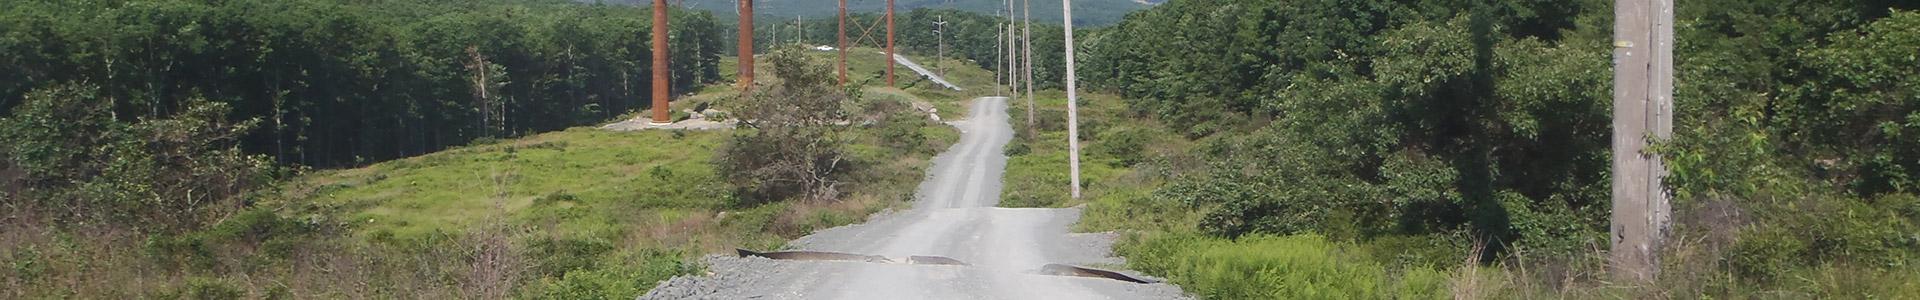 erosion - large scale